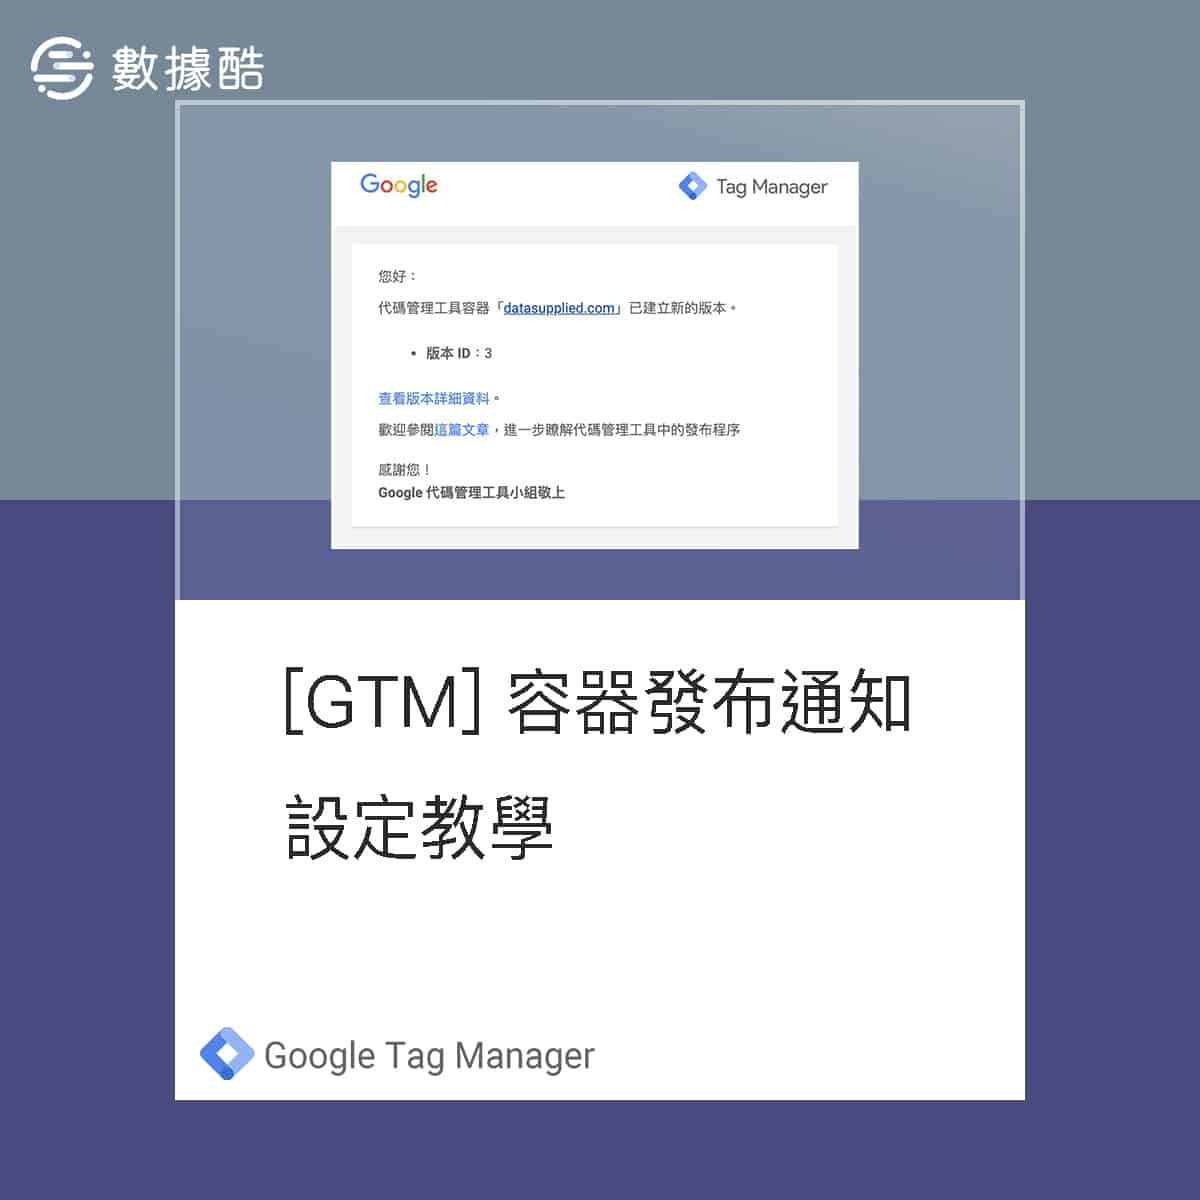 GTM 容器發布通知 設定教學